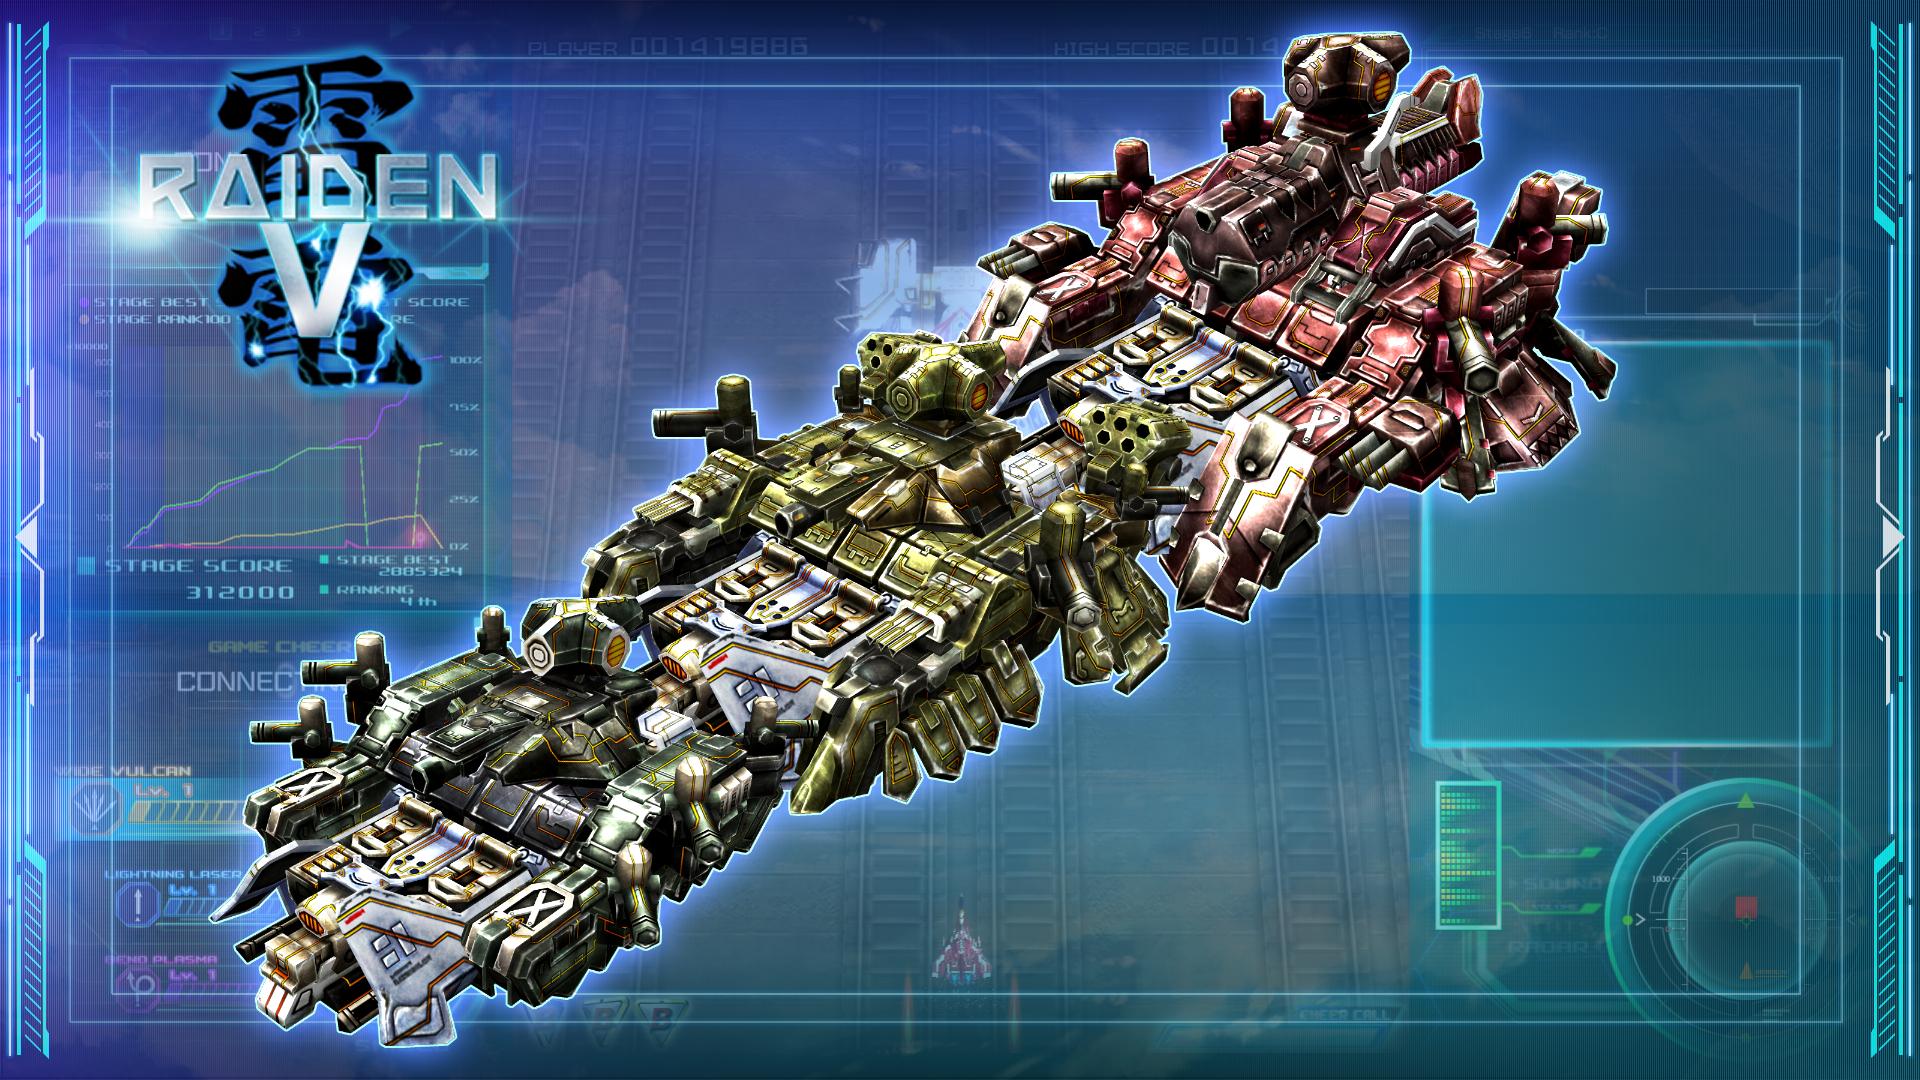 オペレーション6 ステージ6ボス撃破 achievement for Raiden V on Xbox One